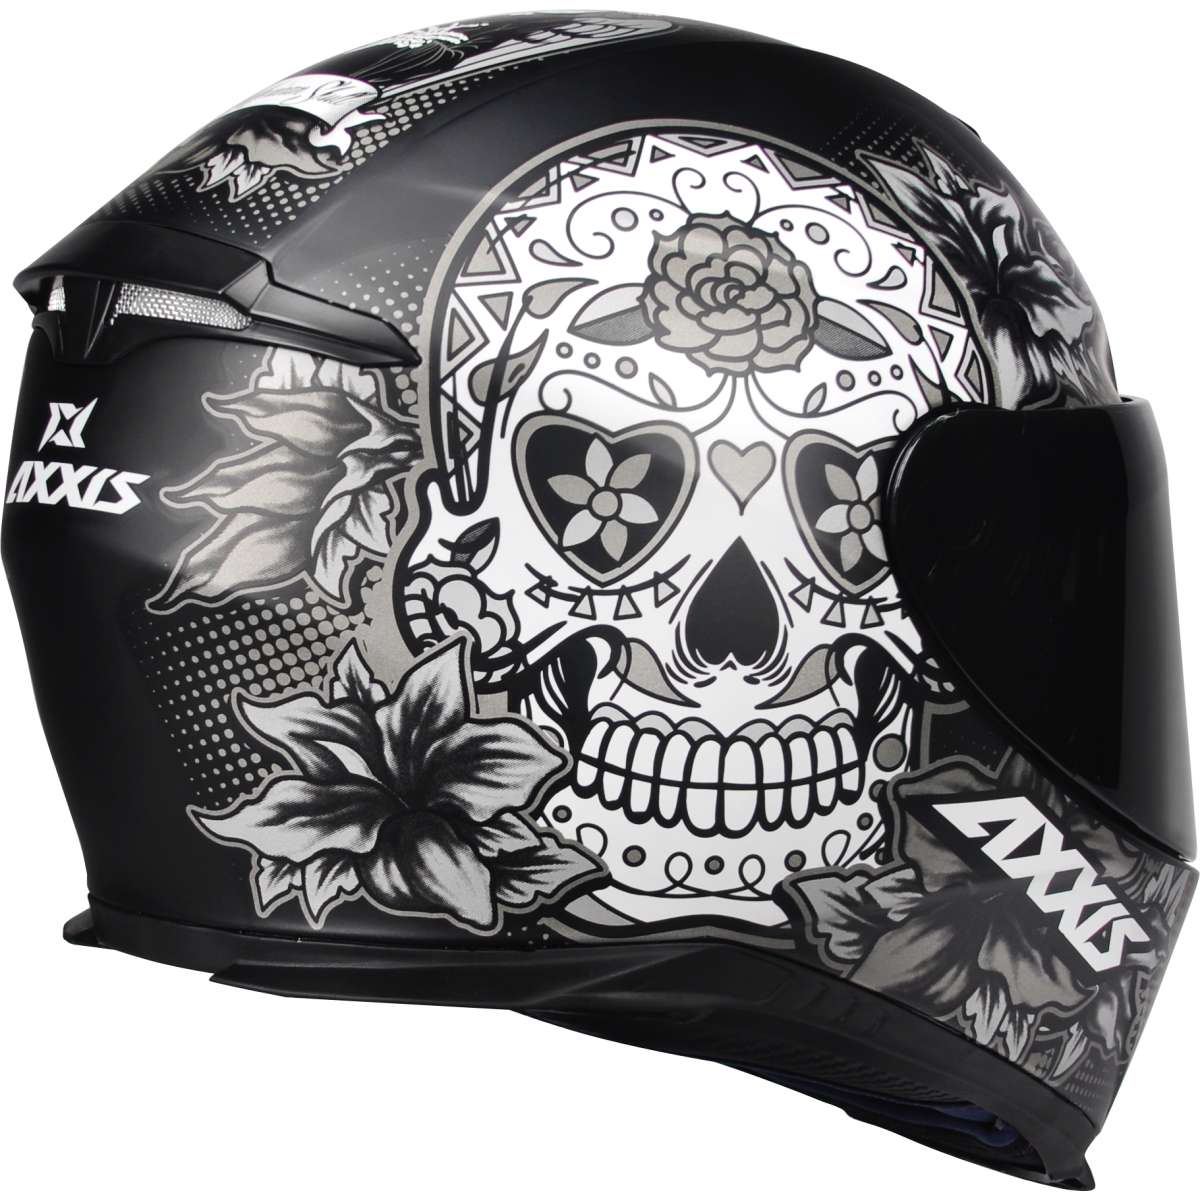 CAPACETE MOTOCICLISTA AXXIS EAGLE SKULL CAVEIRA MEXICANA PRETO FOSCO/CINZA